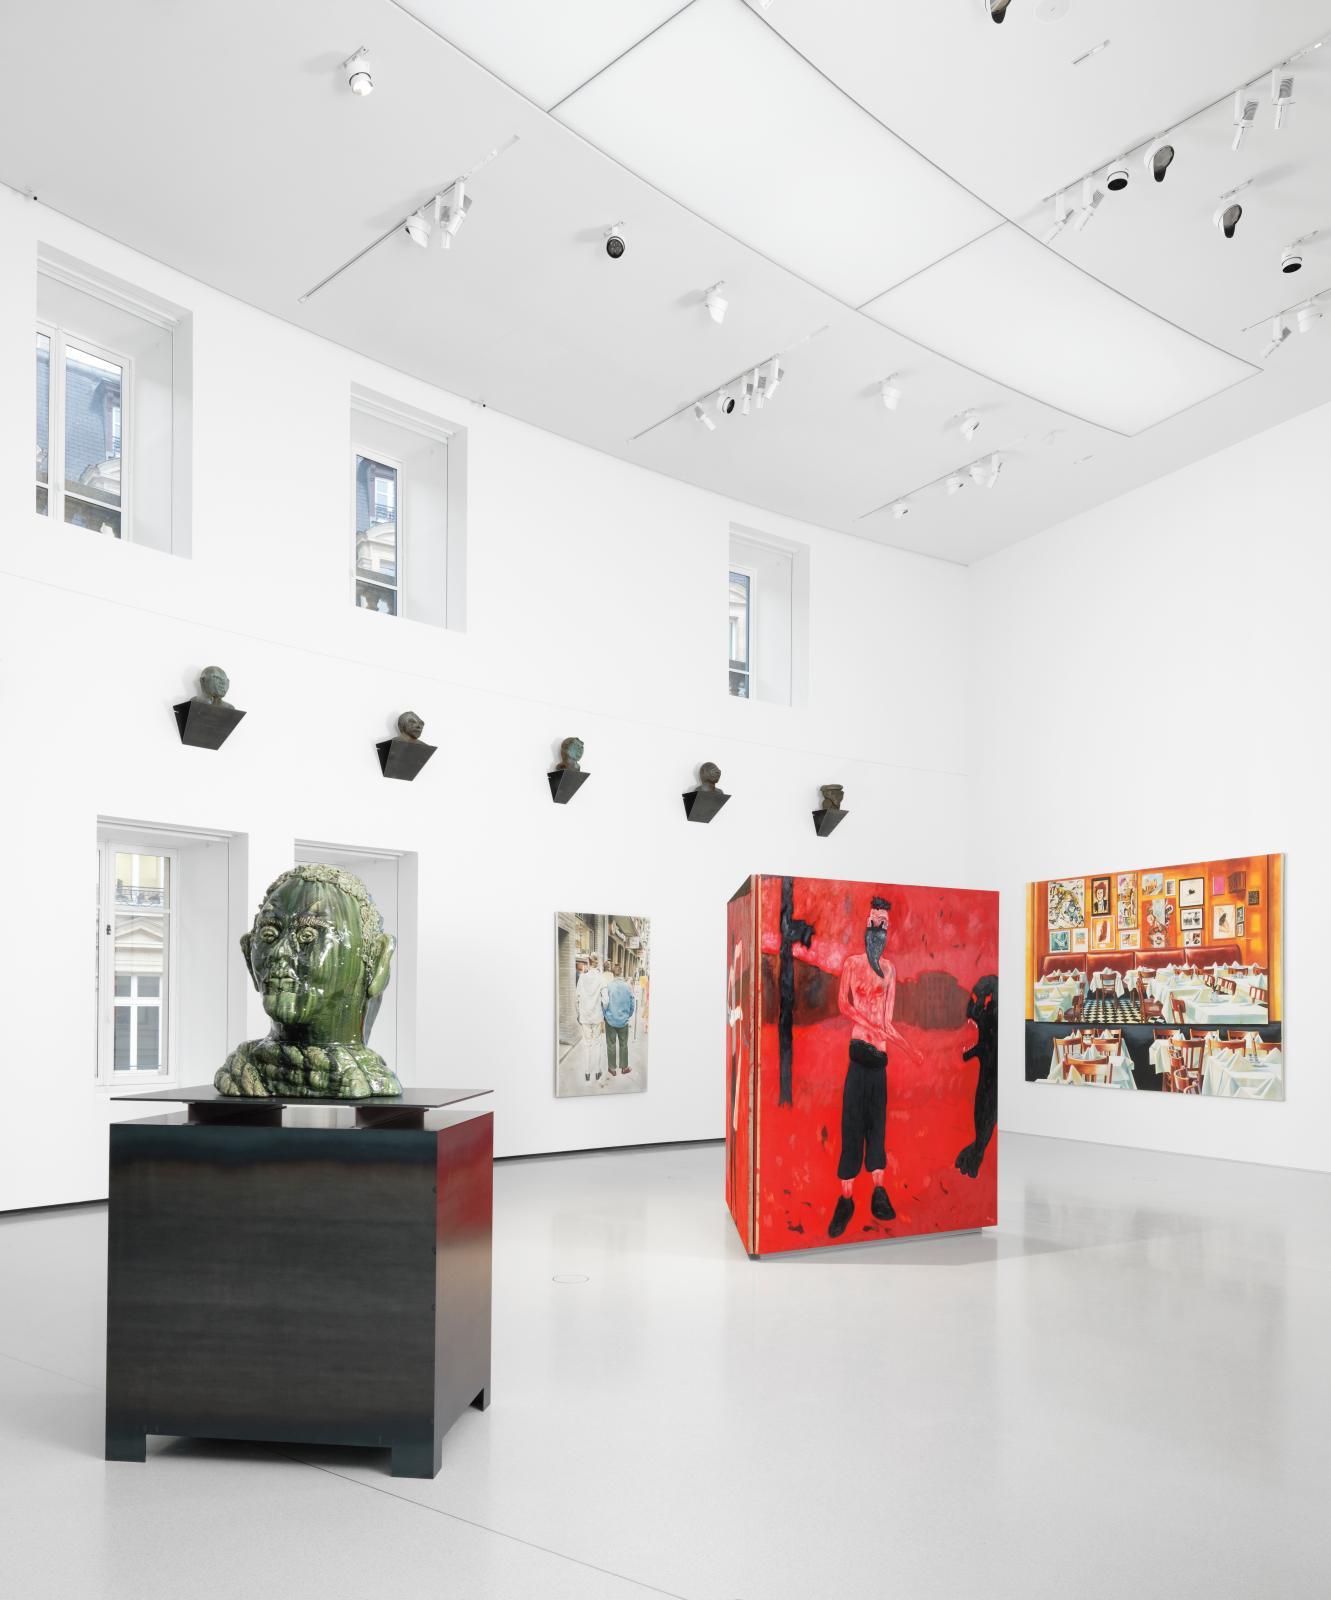 Exposition d'ouverture à la Bourse de commerce:les sculptures de Thomas Schütte(né en 1954) dialoguentavec les peintures de Florian Kr